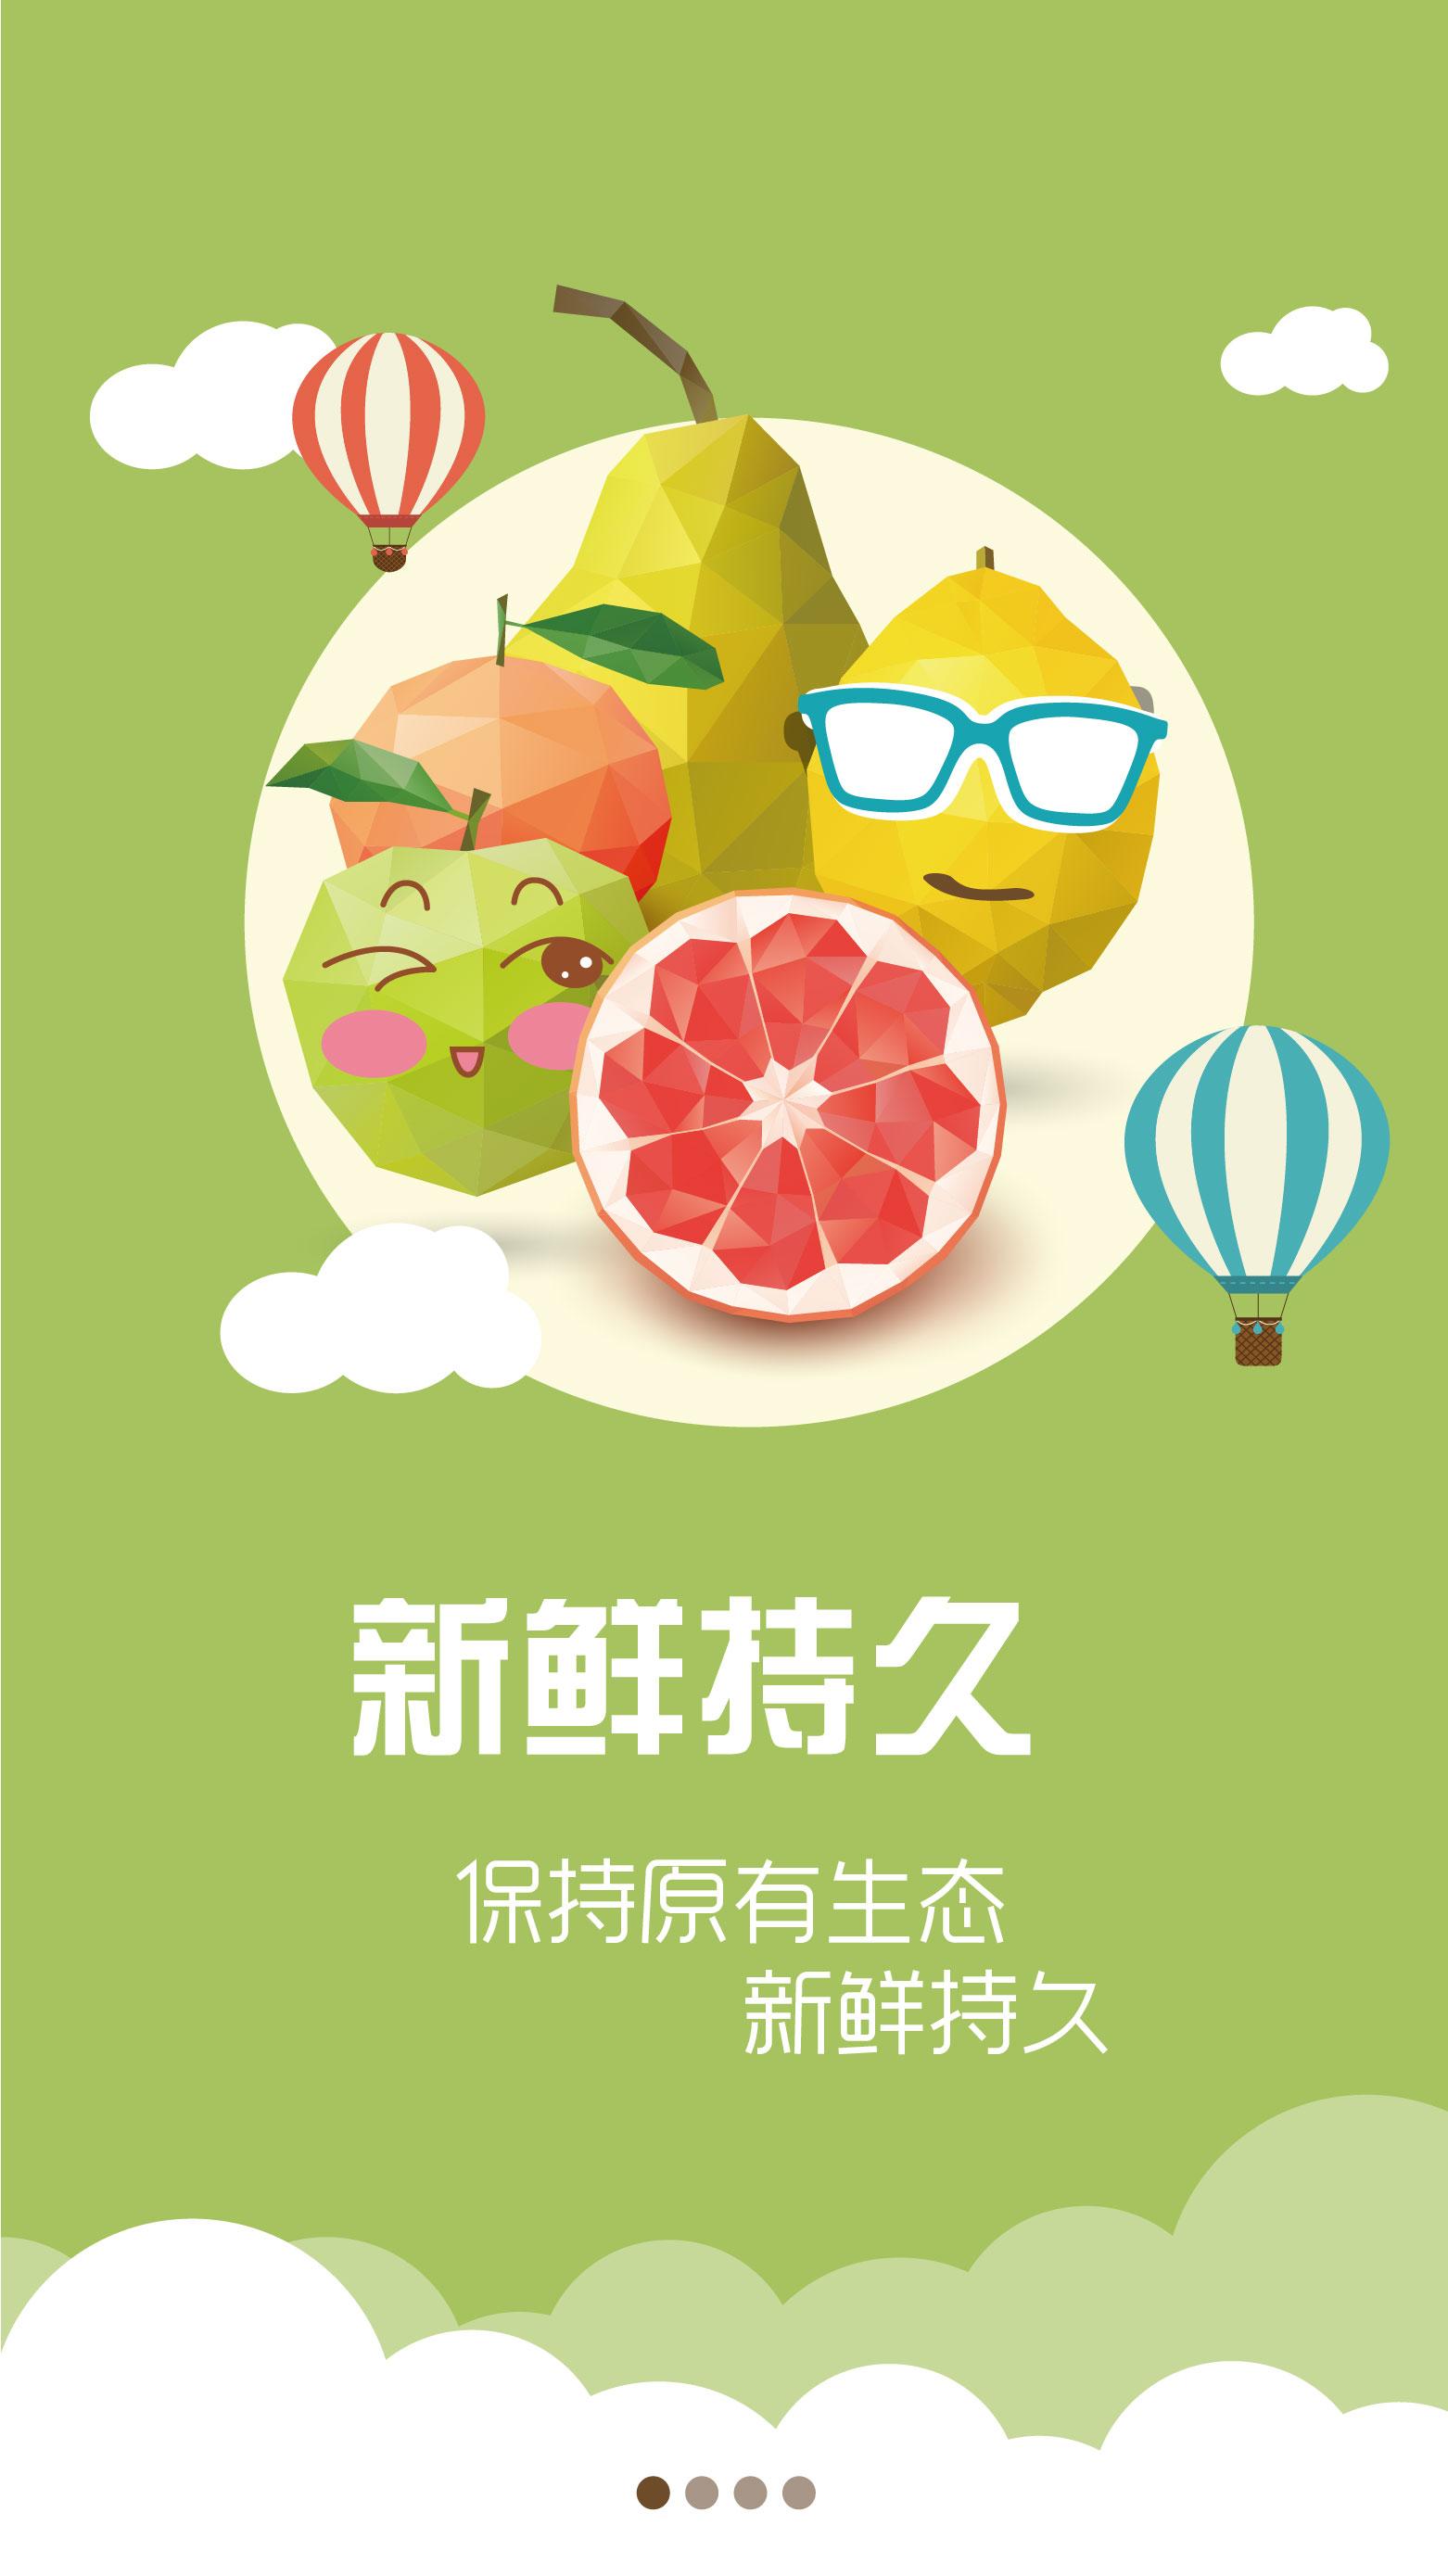 采用立体形状的水果配以接近本身物品的颜色,搭配常态乐活的简约表情图片